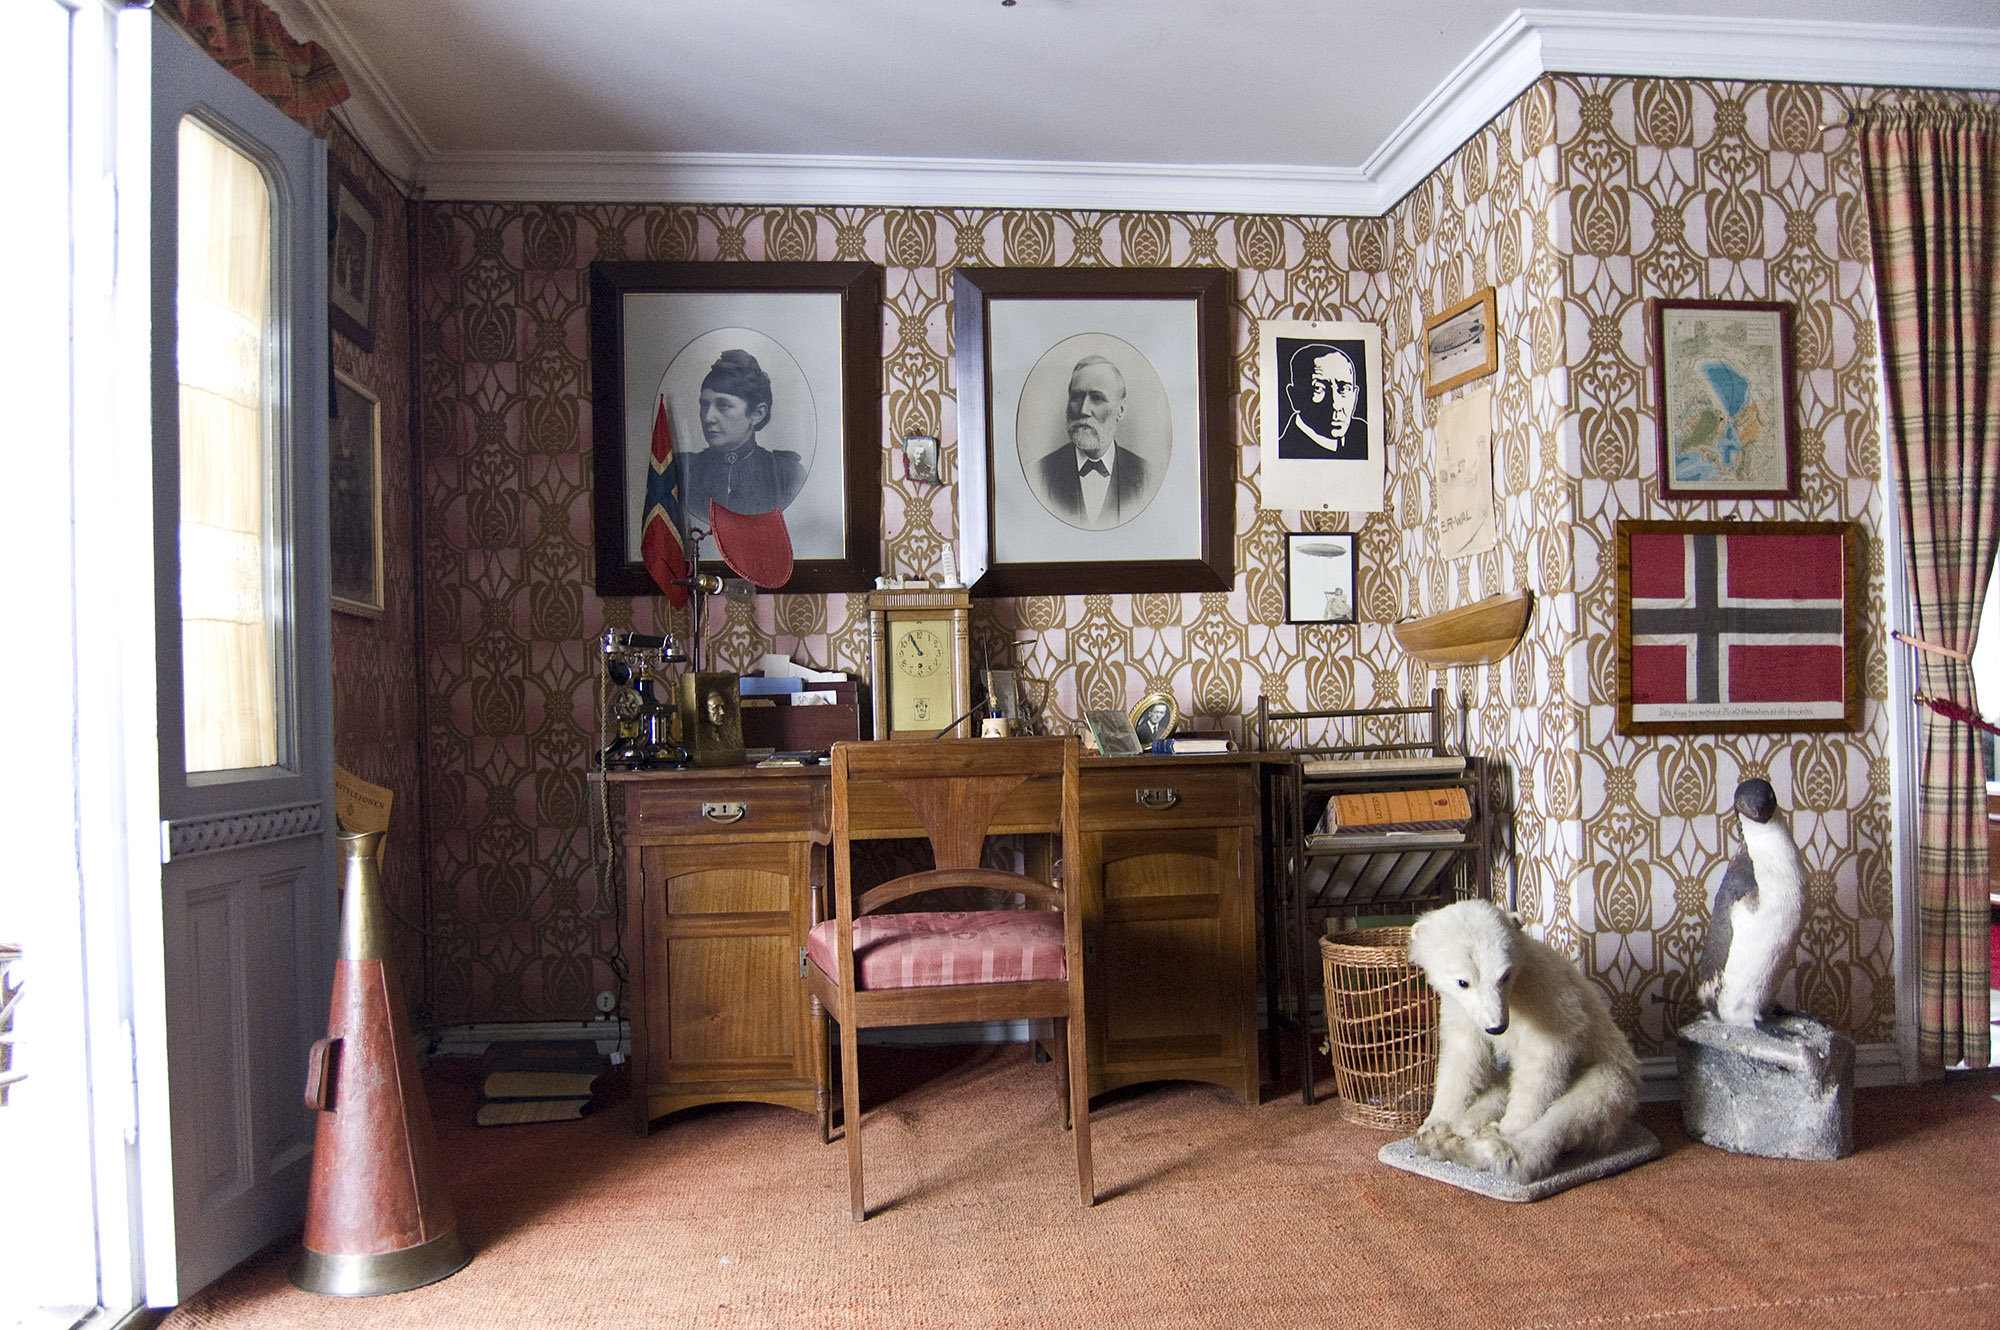 Bilde av interiøret i Roald Amundsens hjem på Uranienborg på Svartskog. Foto: Britta K. Bergersen, Follo museum